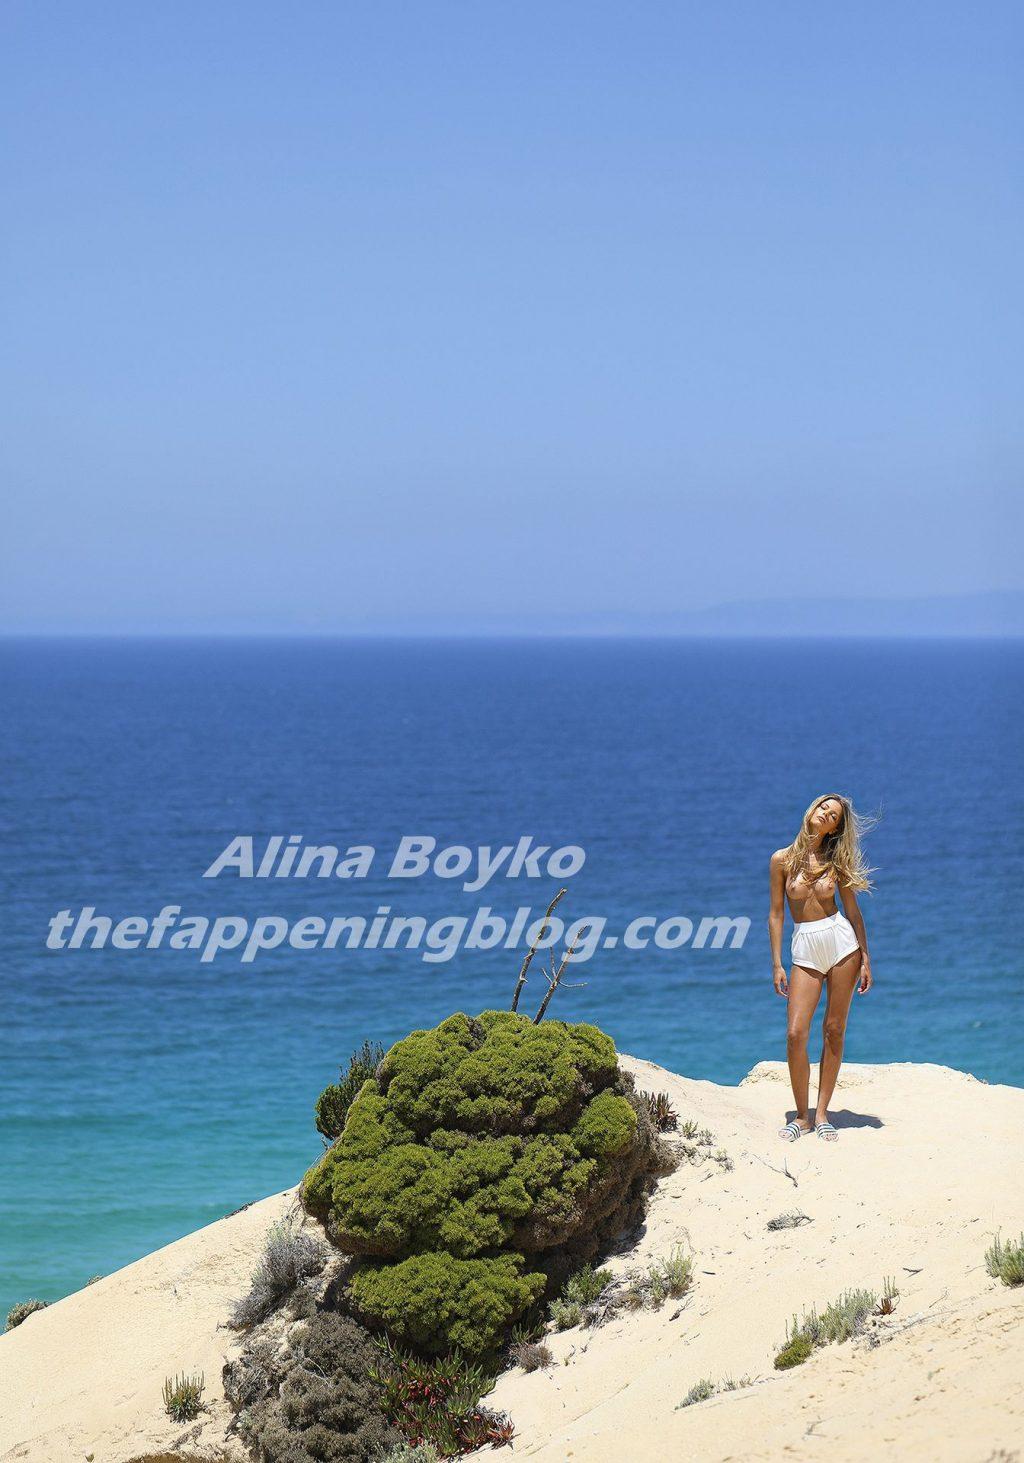 alina-boyko